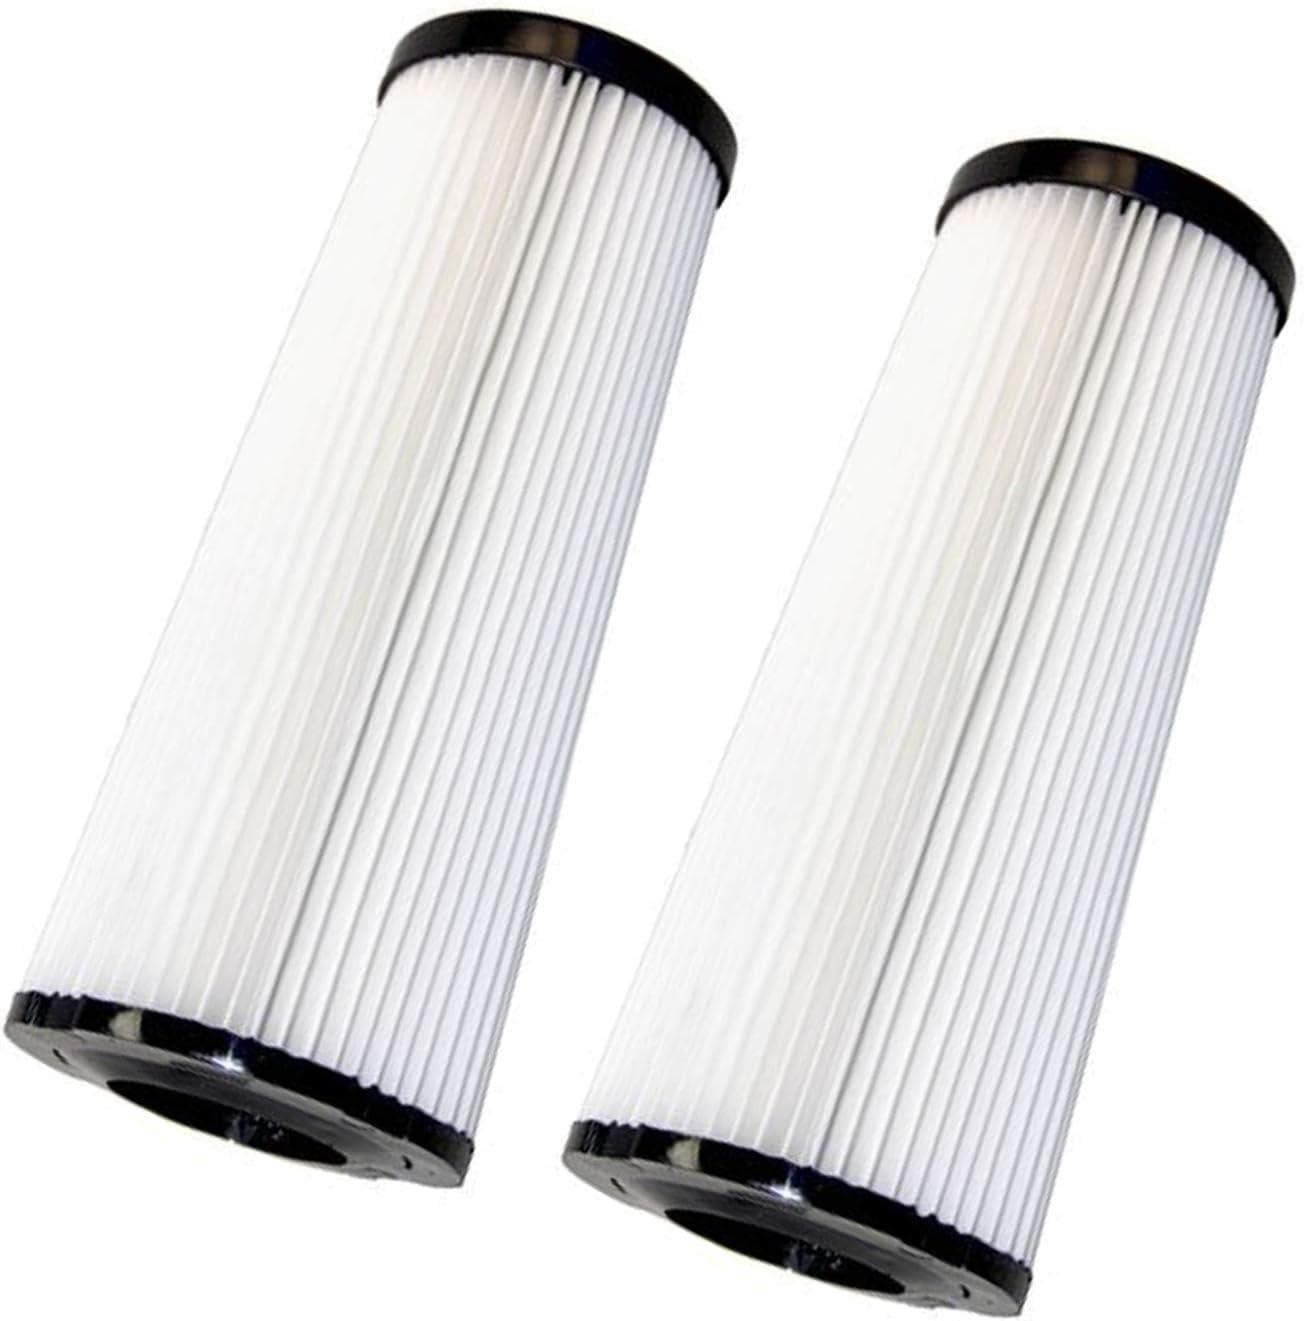 HQRP 2-Pack Filter for Dirt Devil MHDU300 HDU300 Pf, MHDU200 HDU200 Regina, M091950A 091950A Outlast, MRY6100 RY6100 Commercial Bagless Upright Vac Vacuum Cleaner Coaster